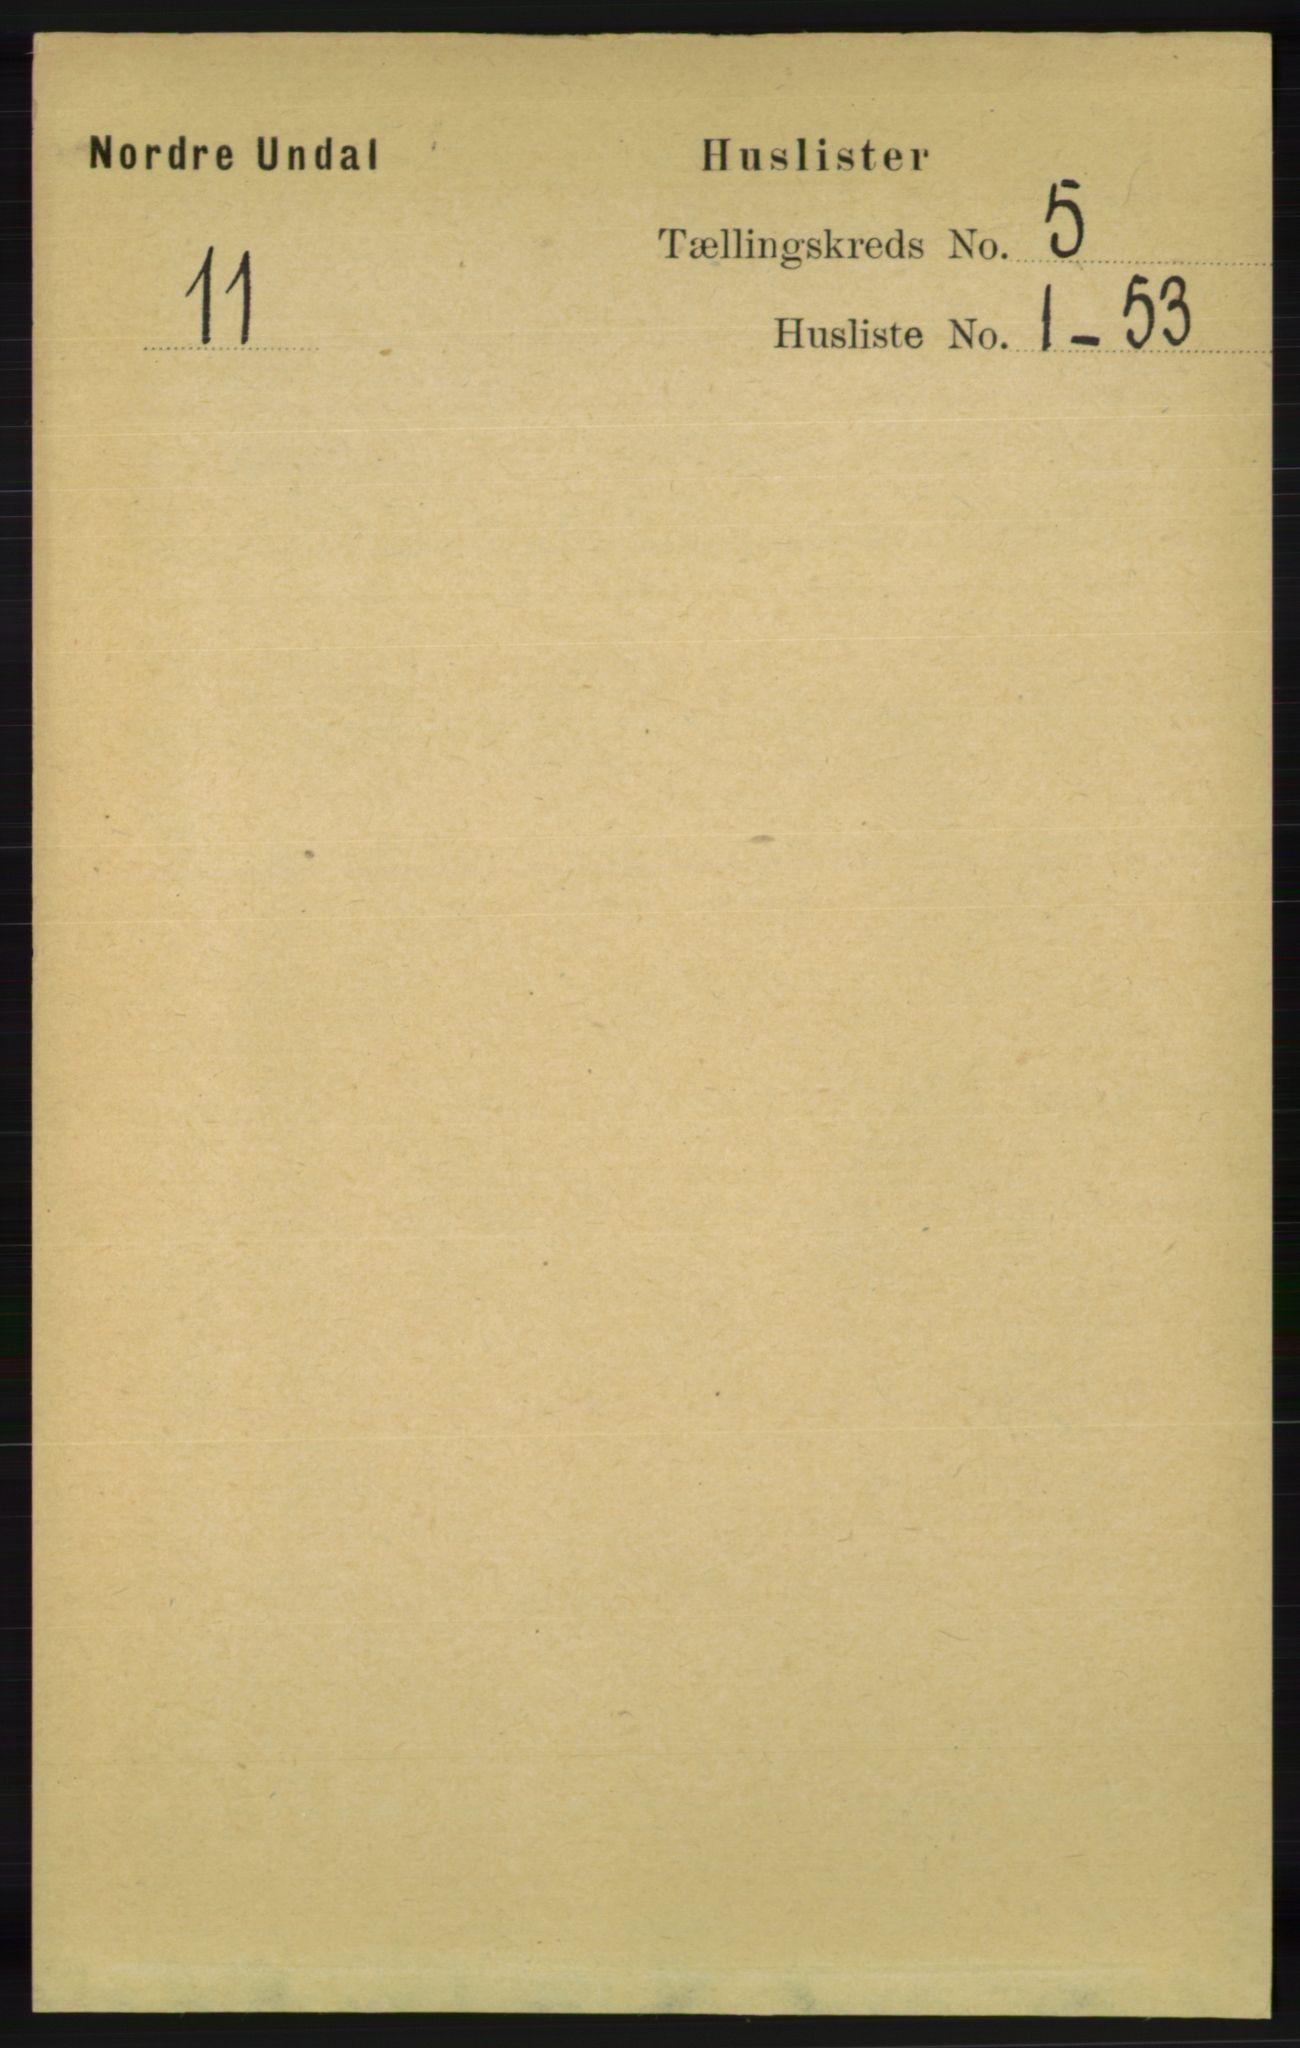 RA, Folketelling 1891 for 1028 Nord-Audnedal herred, 1891, s. 1171